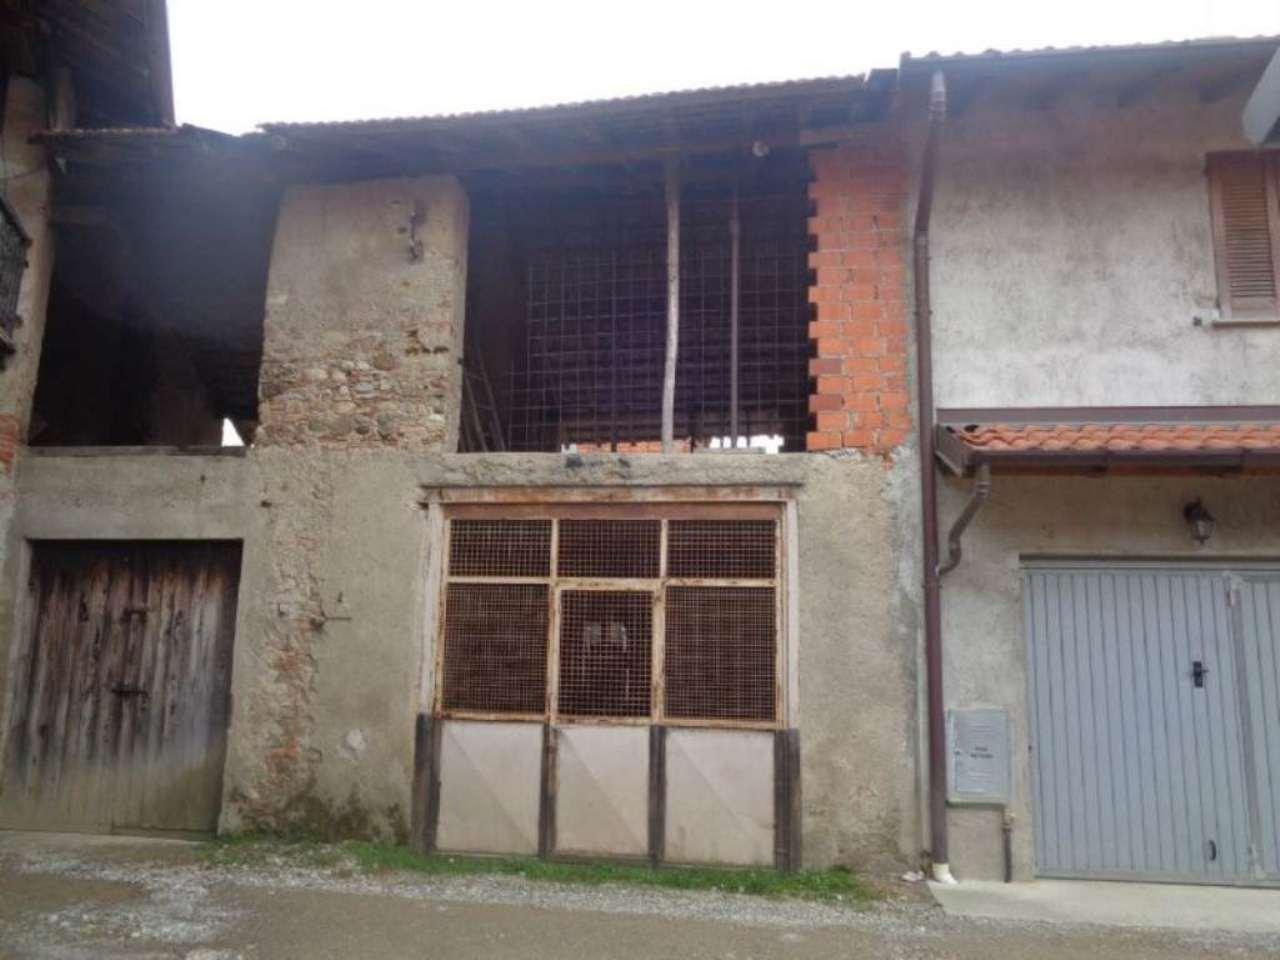 Rustico / Casale in vendita a Malnate, 3 locali, prezzo € 39.000 | CambioCasa.it